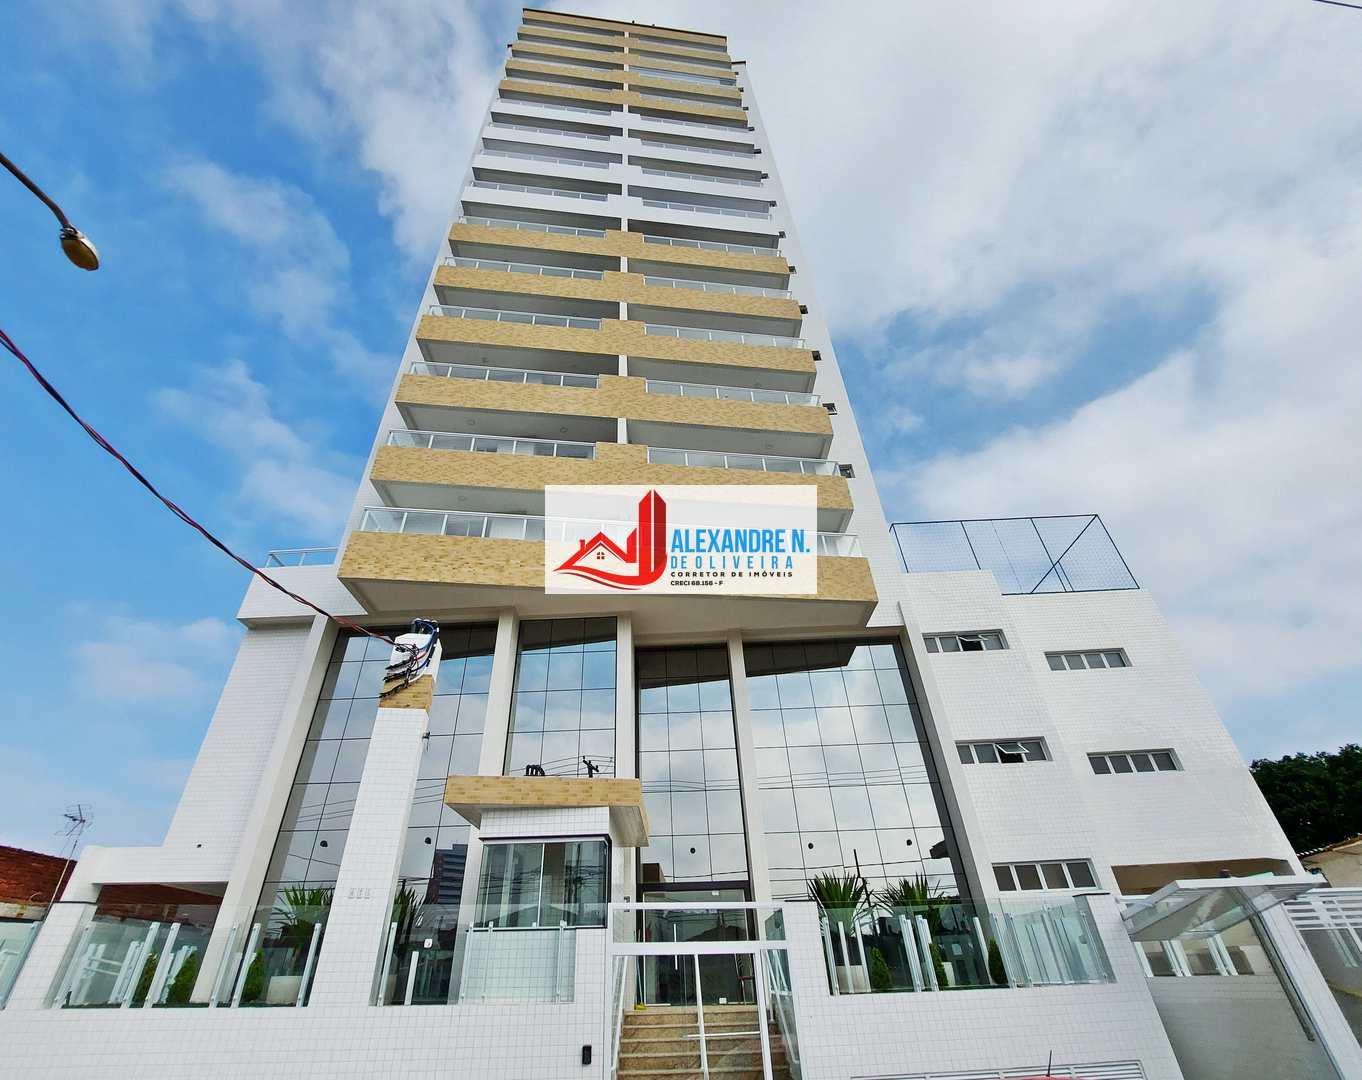 Apartamento 2 dorm, Aviação, Praia Grande, R$ 341 mil, AP00810